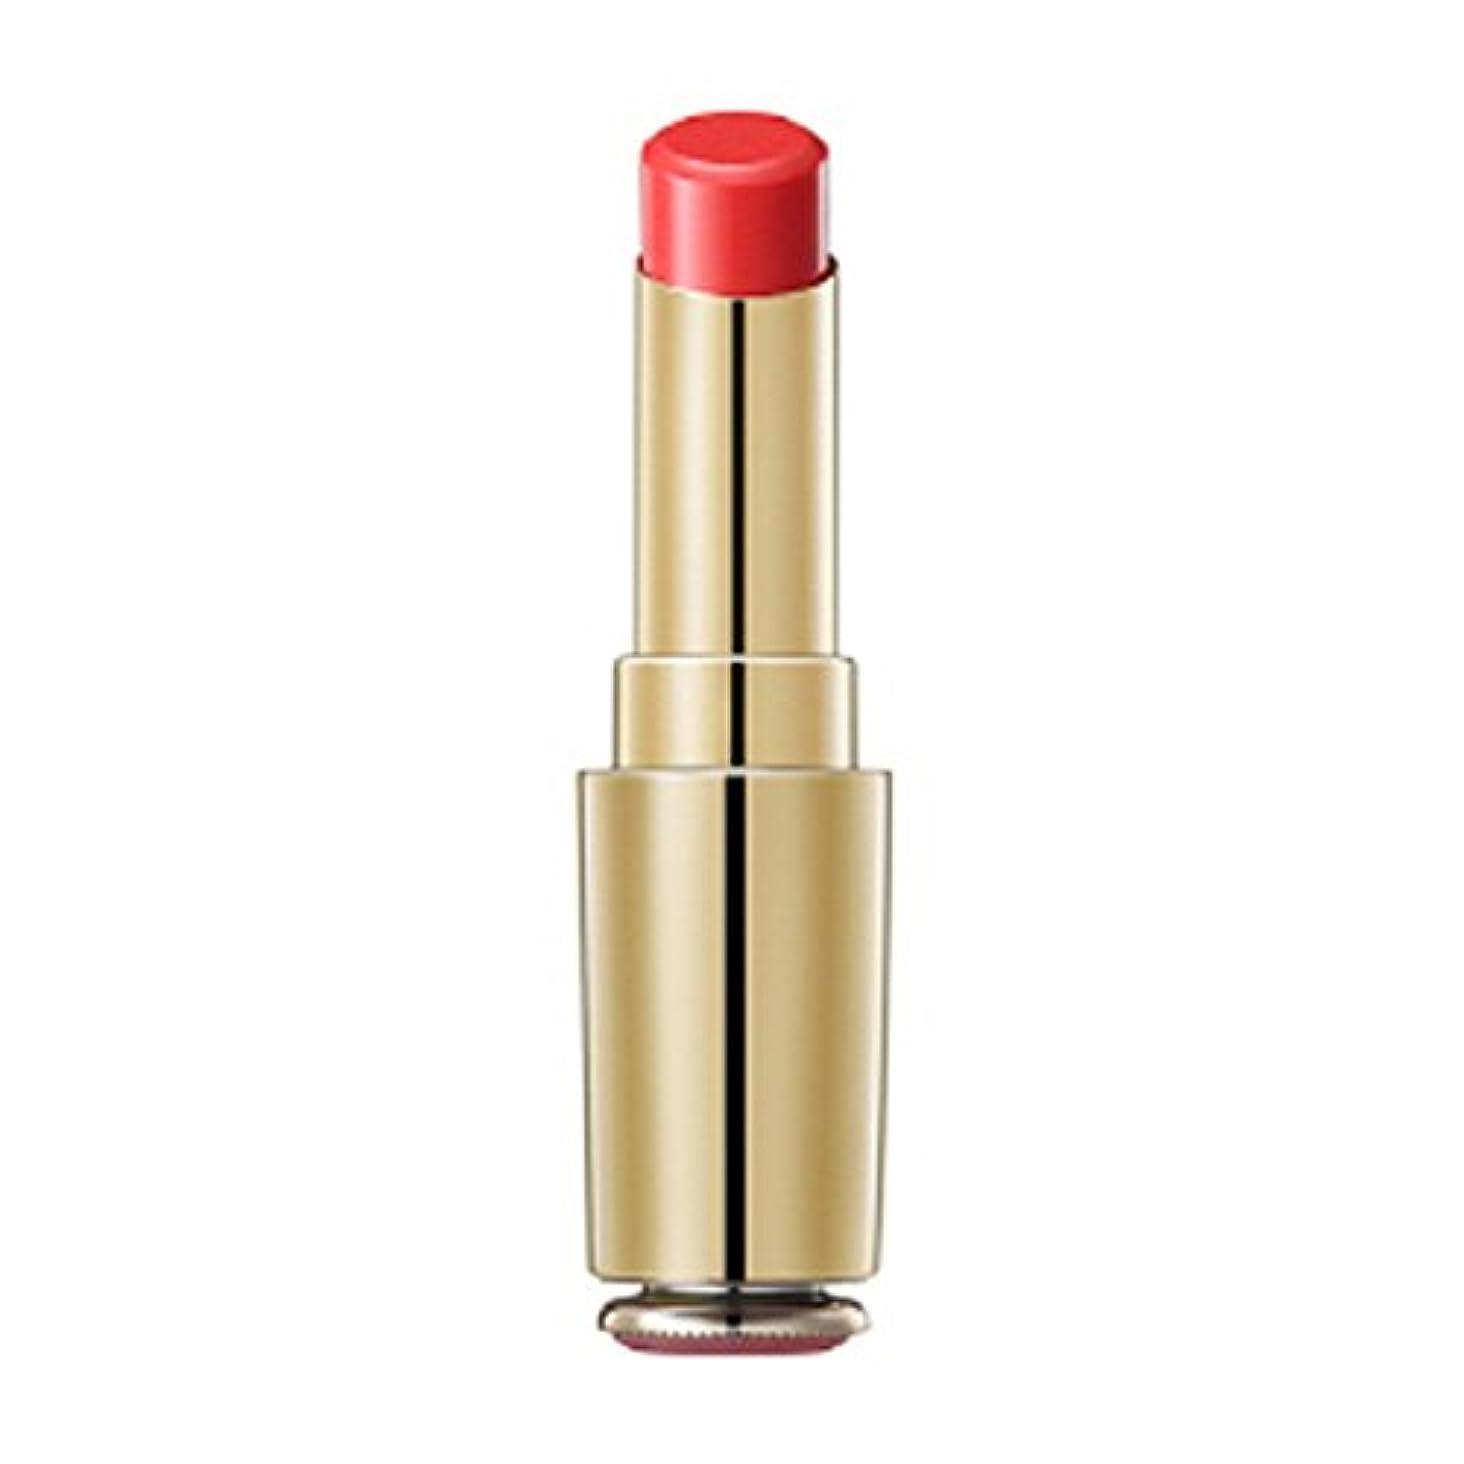 描く読み書きのできないチーズソルファス Essential Lip Serum Stick - # No. 3 Flower Pink 3g/0.1oz並行輸入品